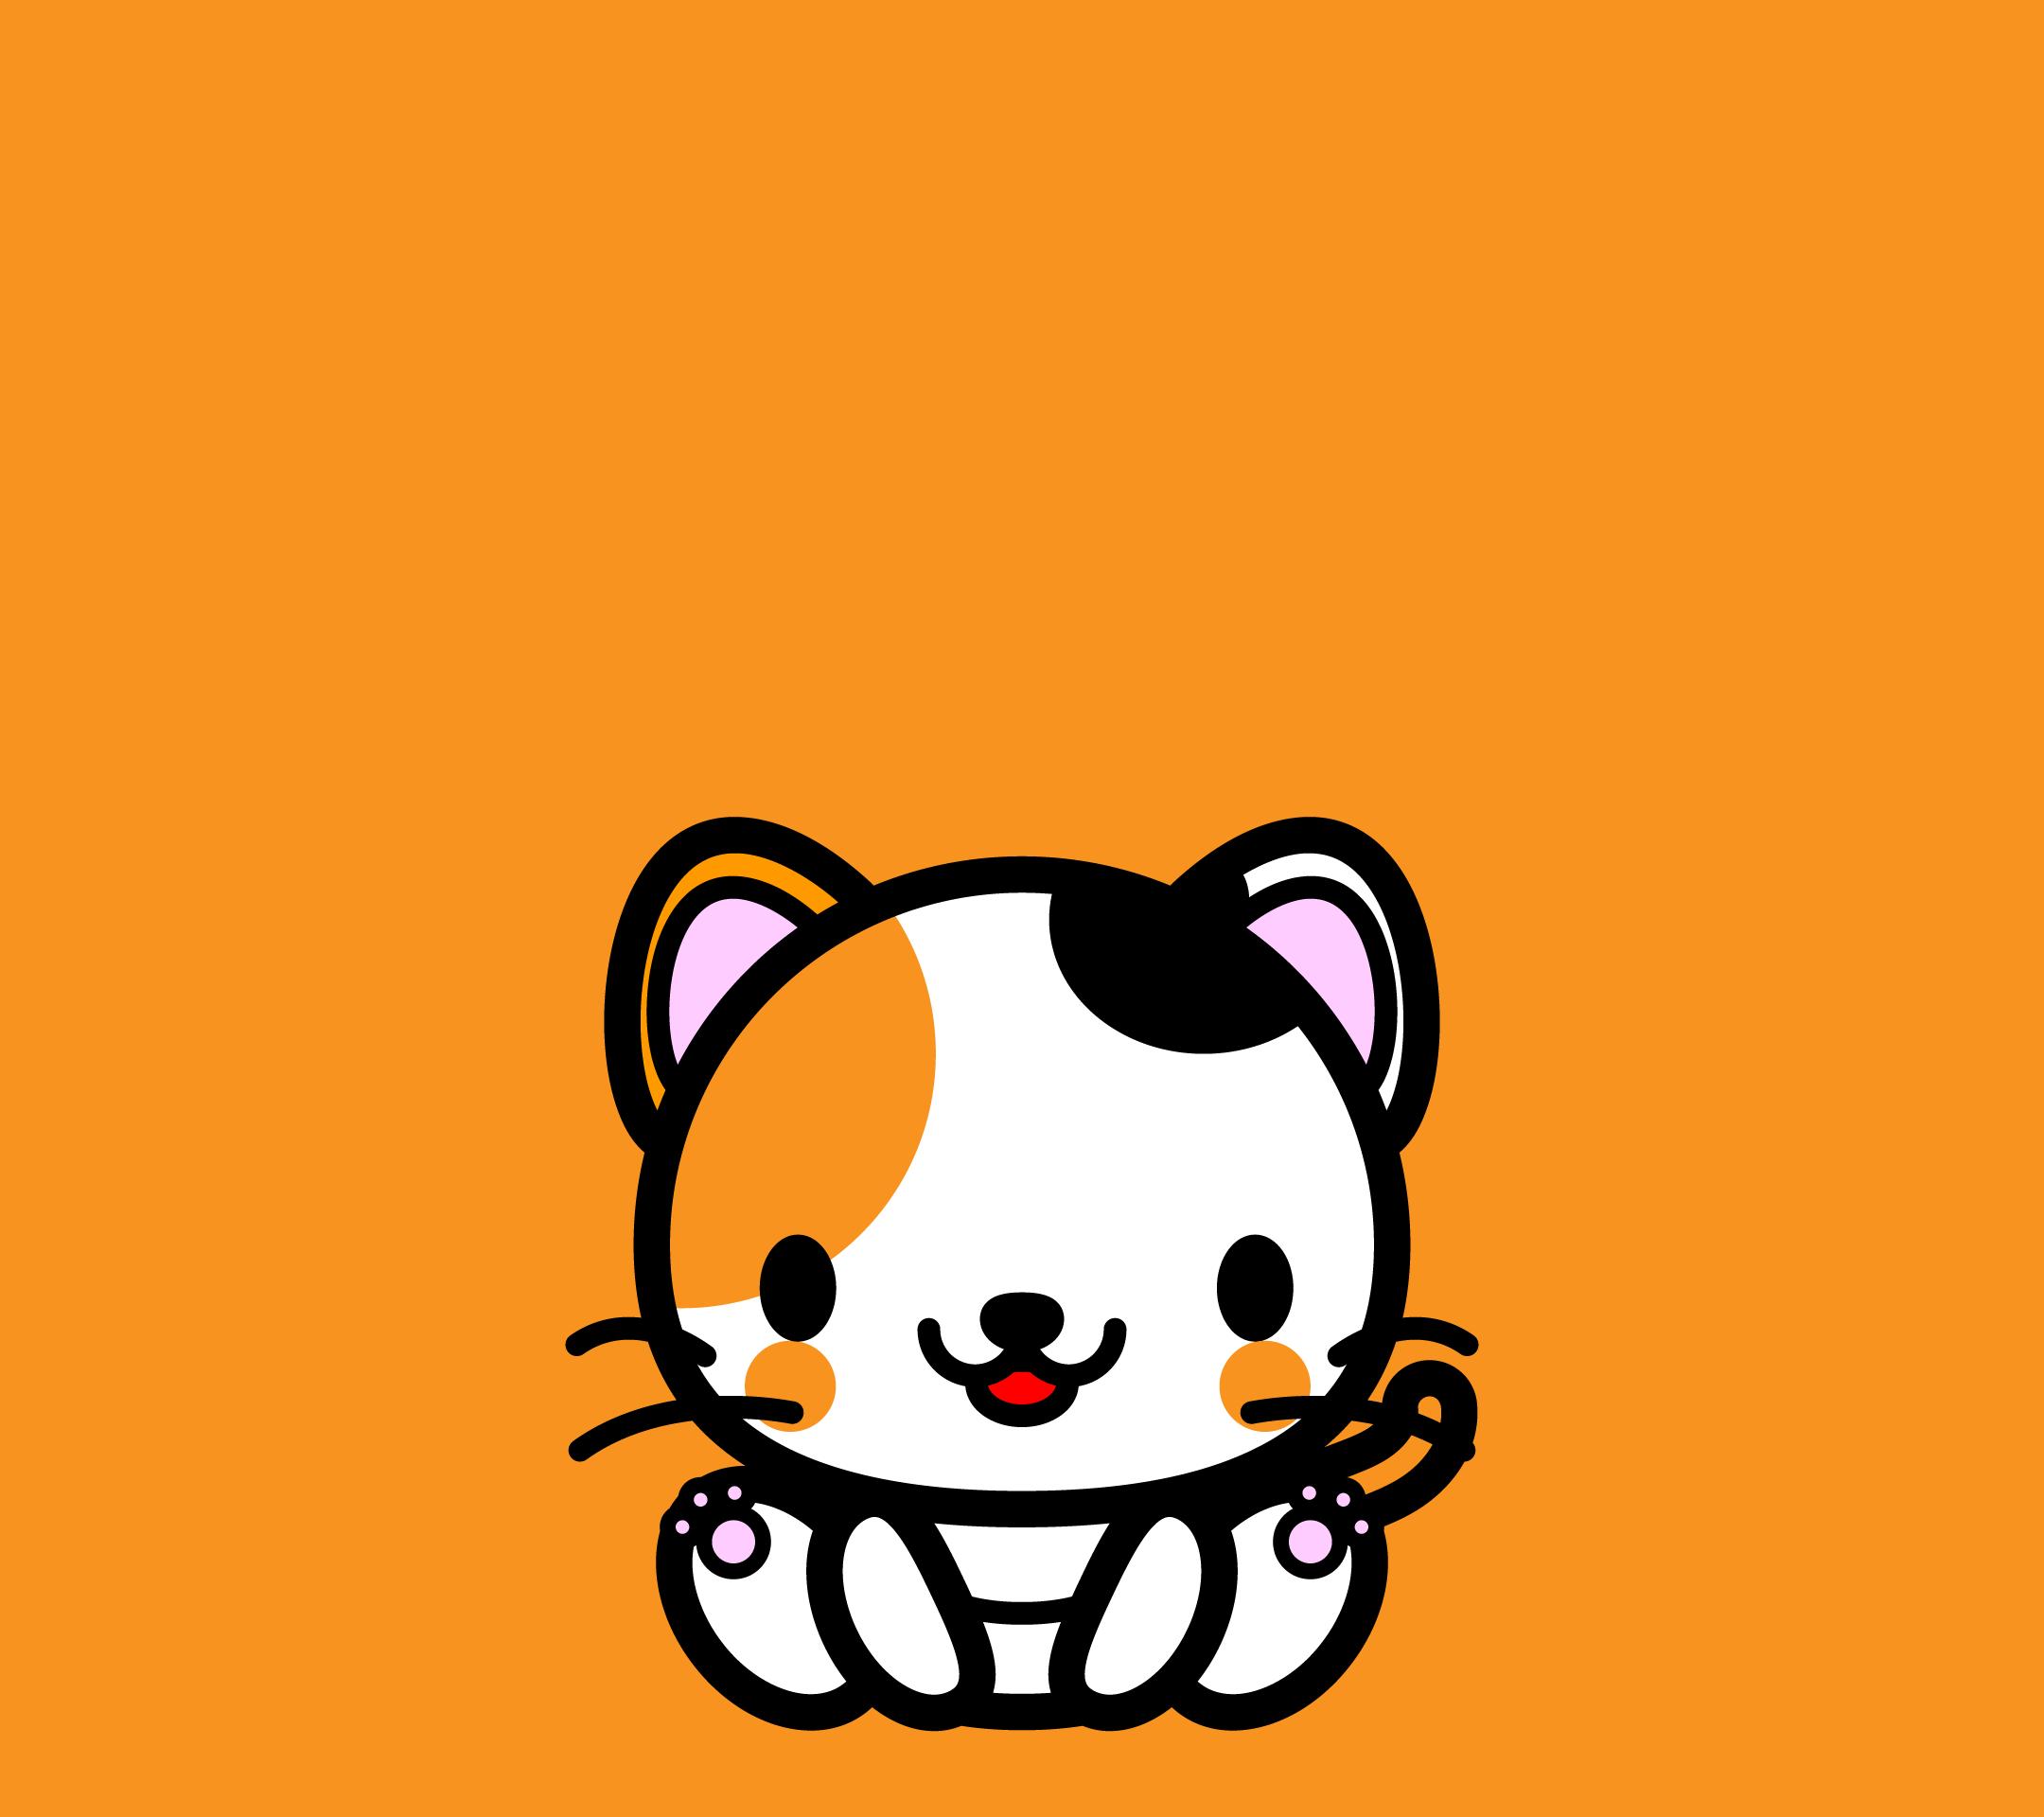 かわいい座り三毛猫壁紙(Android)の無料イラスト・商用フリー